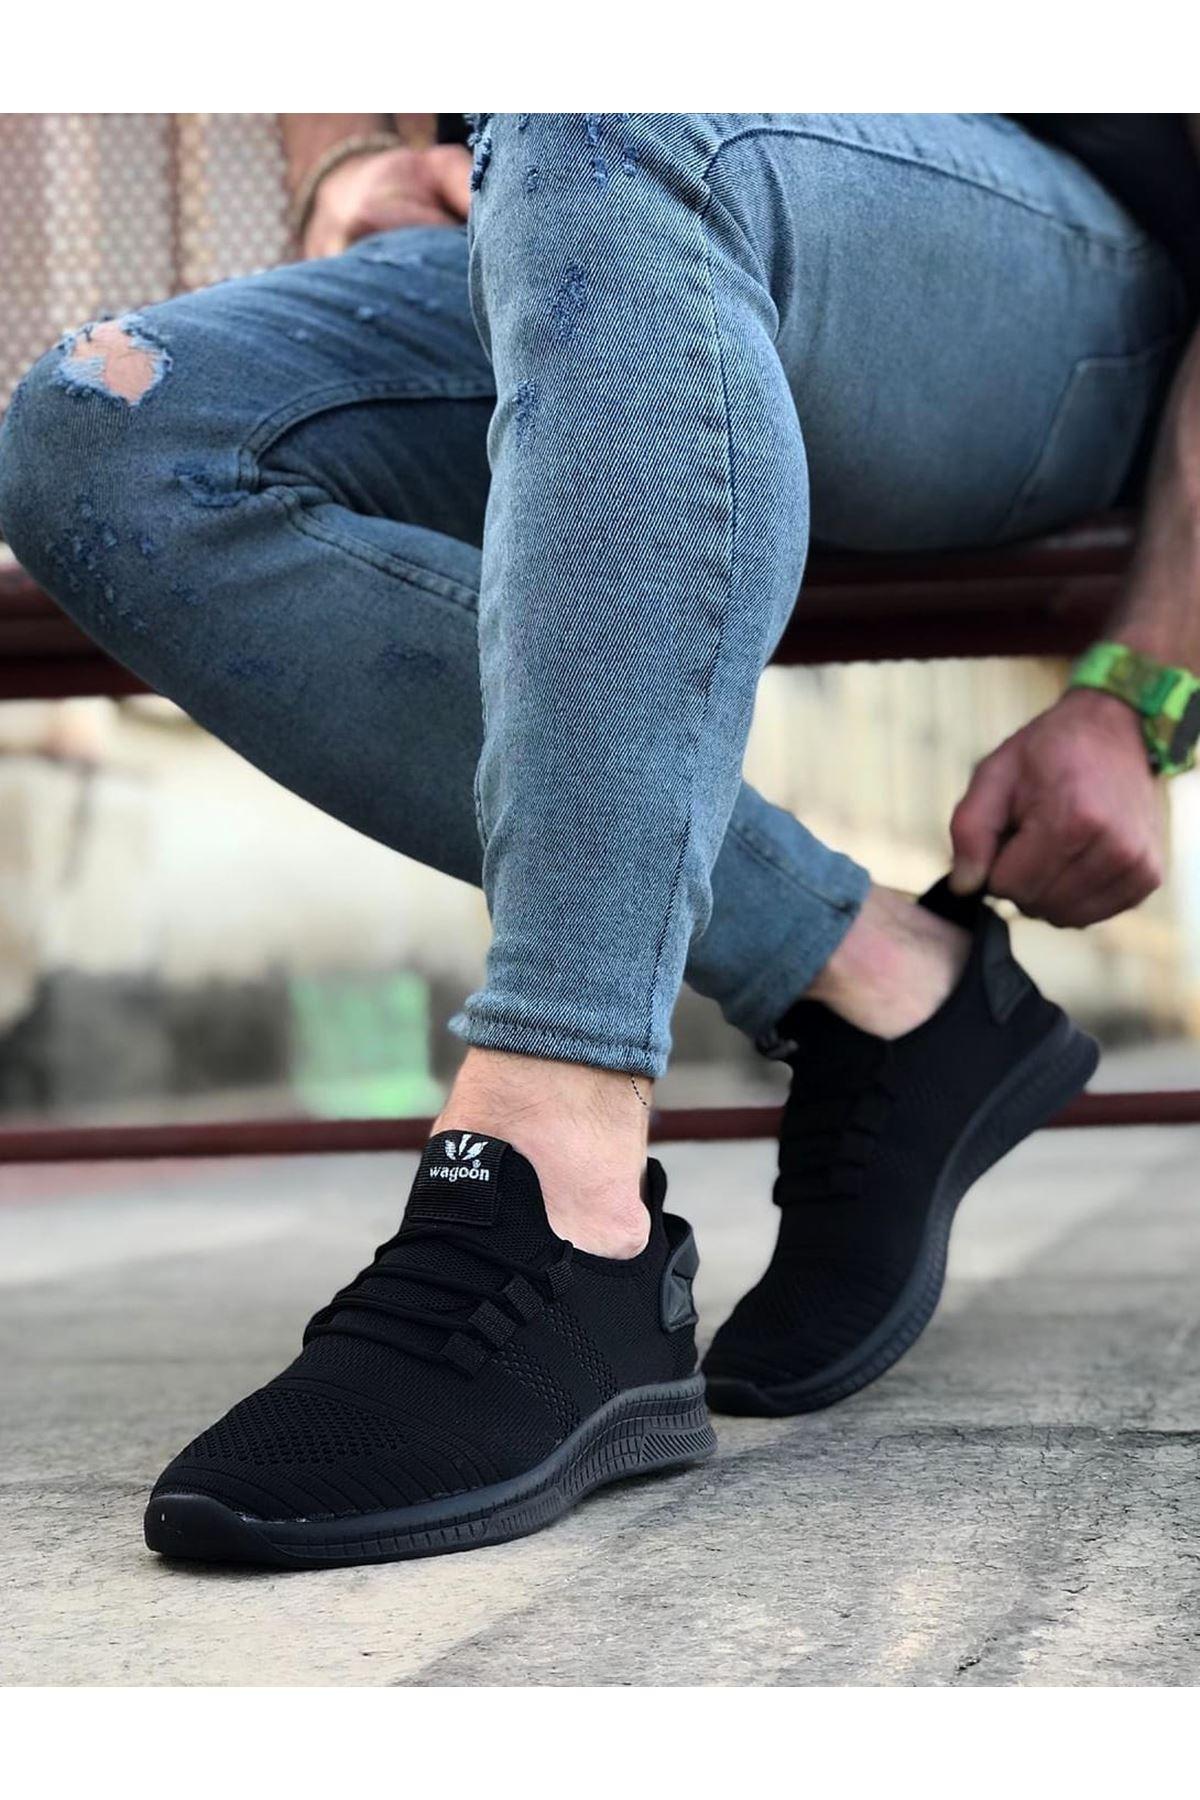 Wagoon WG101 Kömür Erkek Spor Ayakkabı